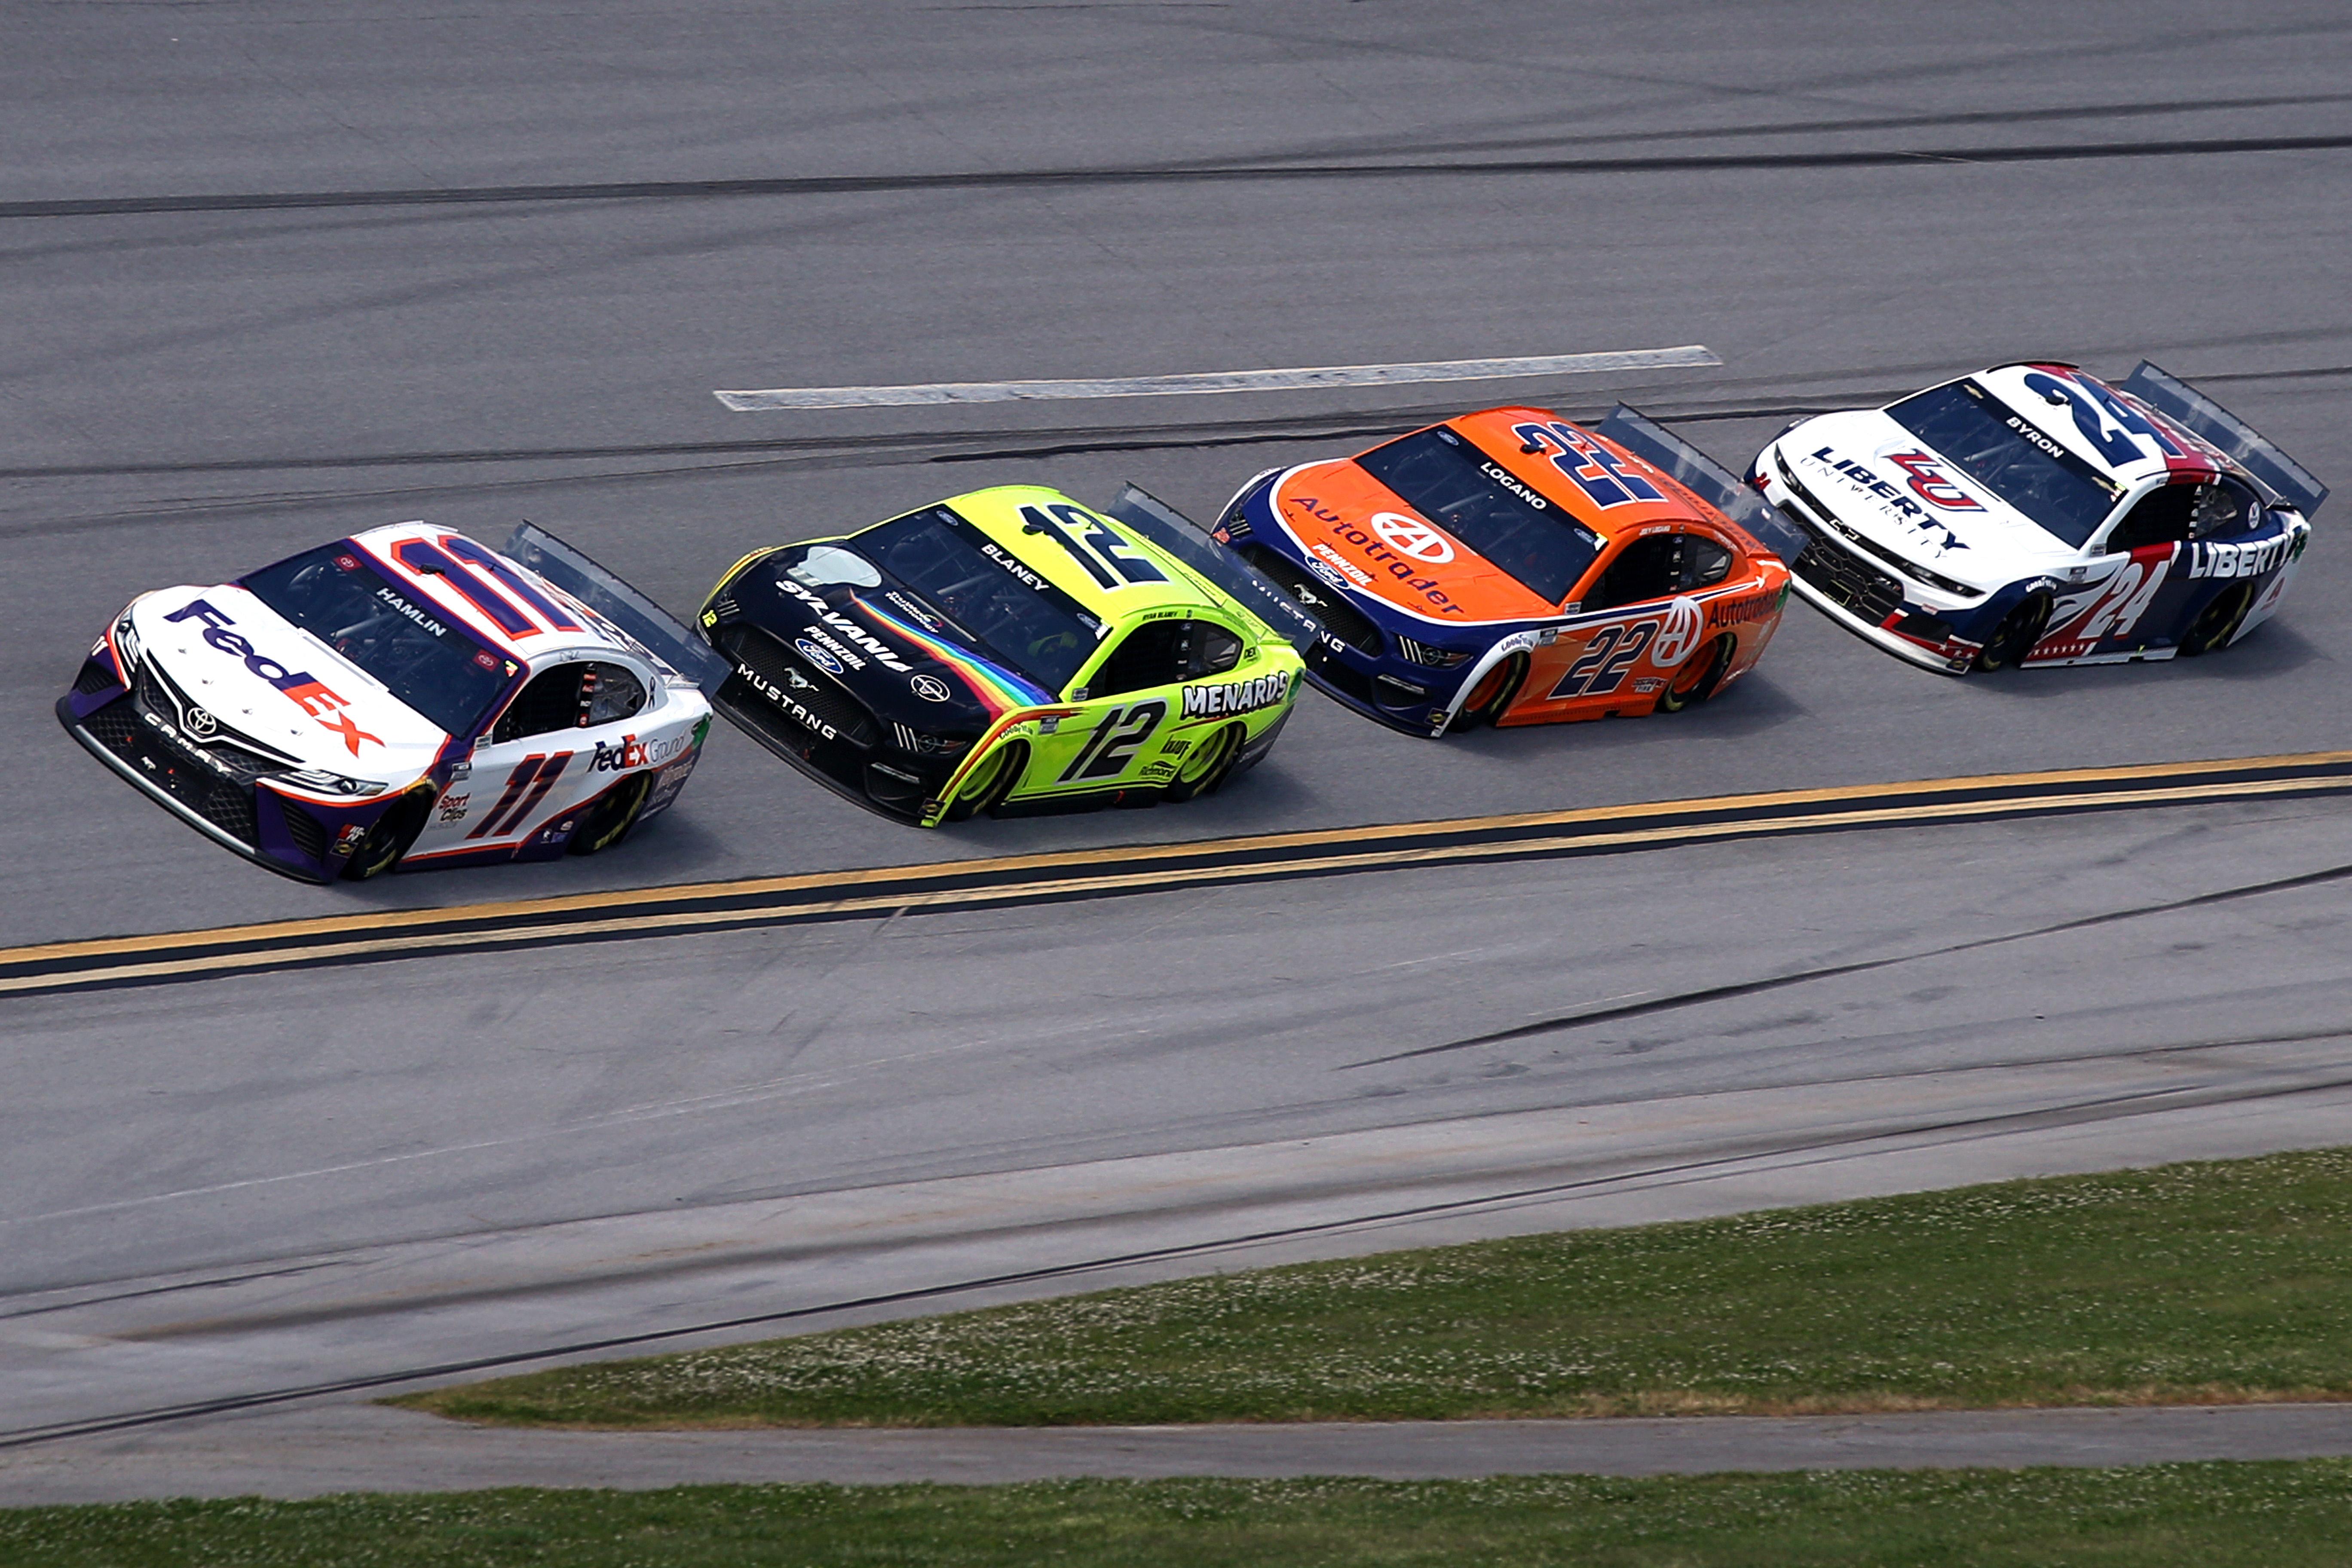 丹尼哈姆林,司机# 11联邦快递地面丰田,瑞安·布莱尼说道,他的司机# 12 menard /森林城福特,乔伊Logano,司机# 22 Autotrader福特,和威廉·拜伦,司机的# 24自由大学雪佛兰,比赛在500年全美赛车联合会杯系列GEICO在塔拉Superspeedway 4月25日2021在塔拉,阿拉巴马州。